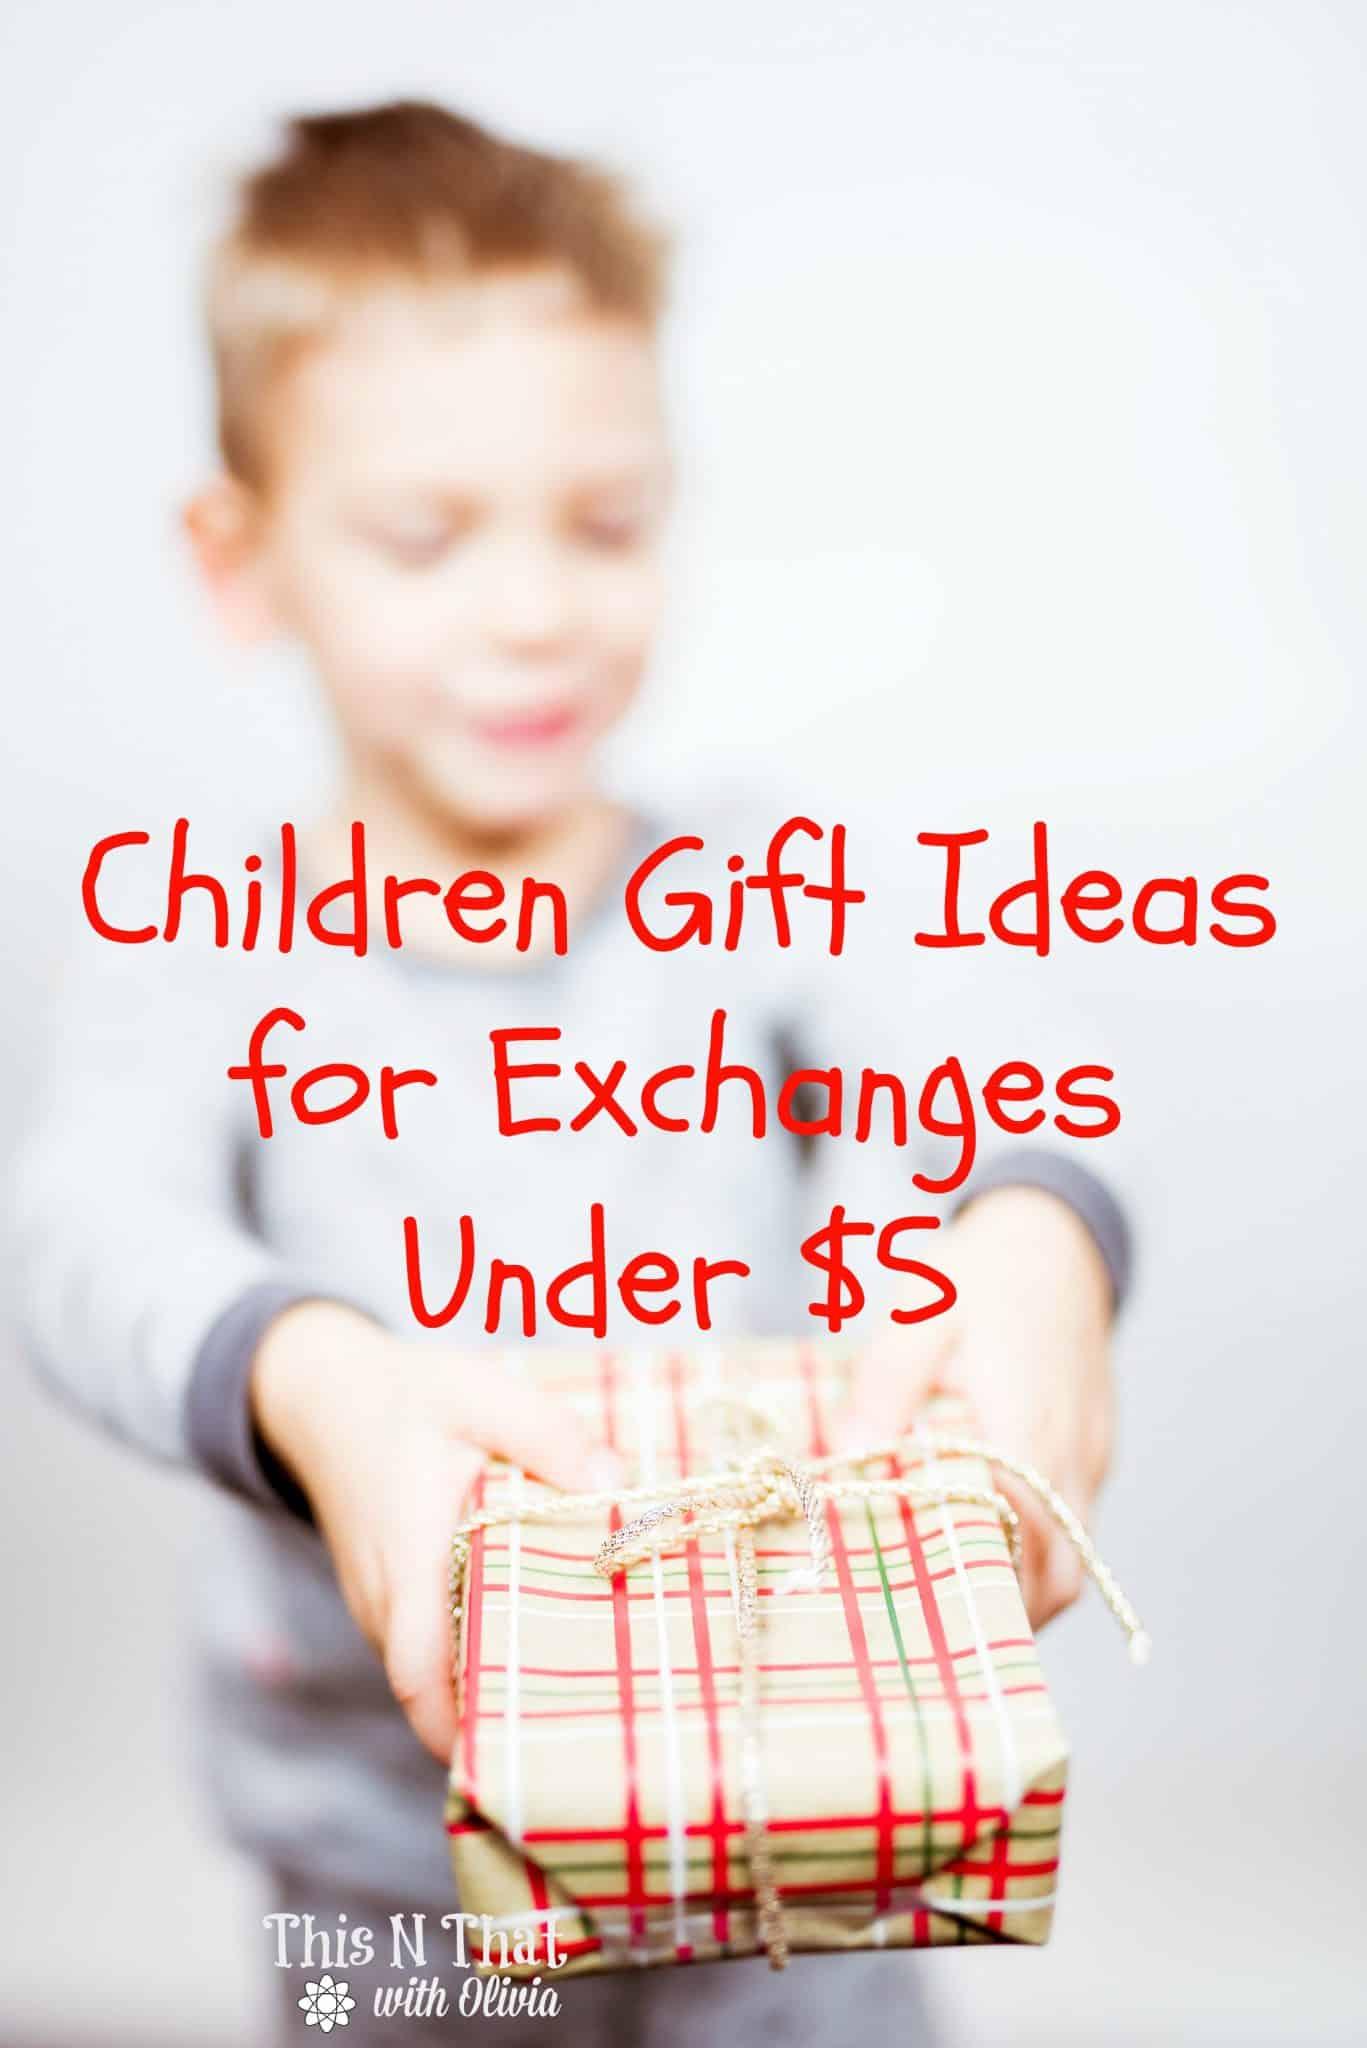 Children Gift Ideas for Exchanges Under $5